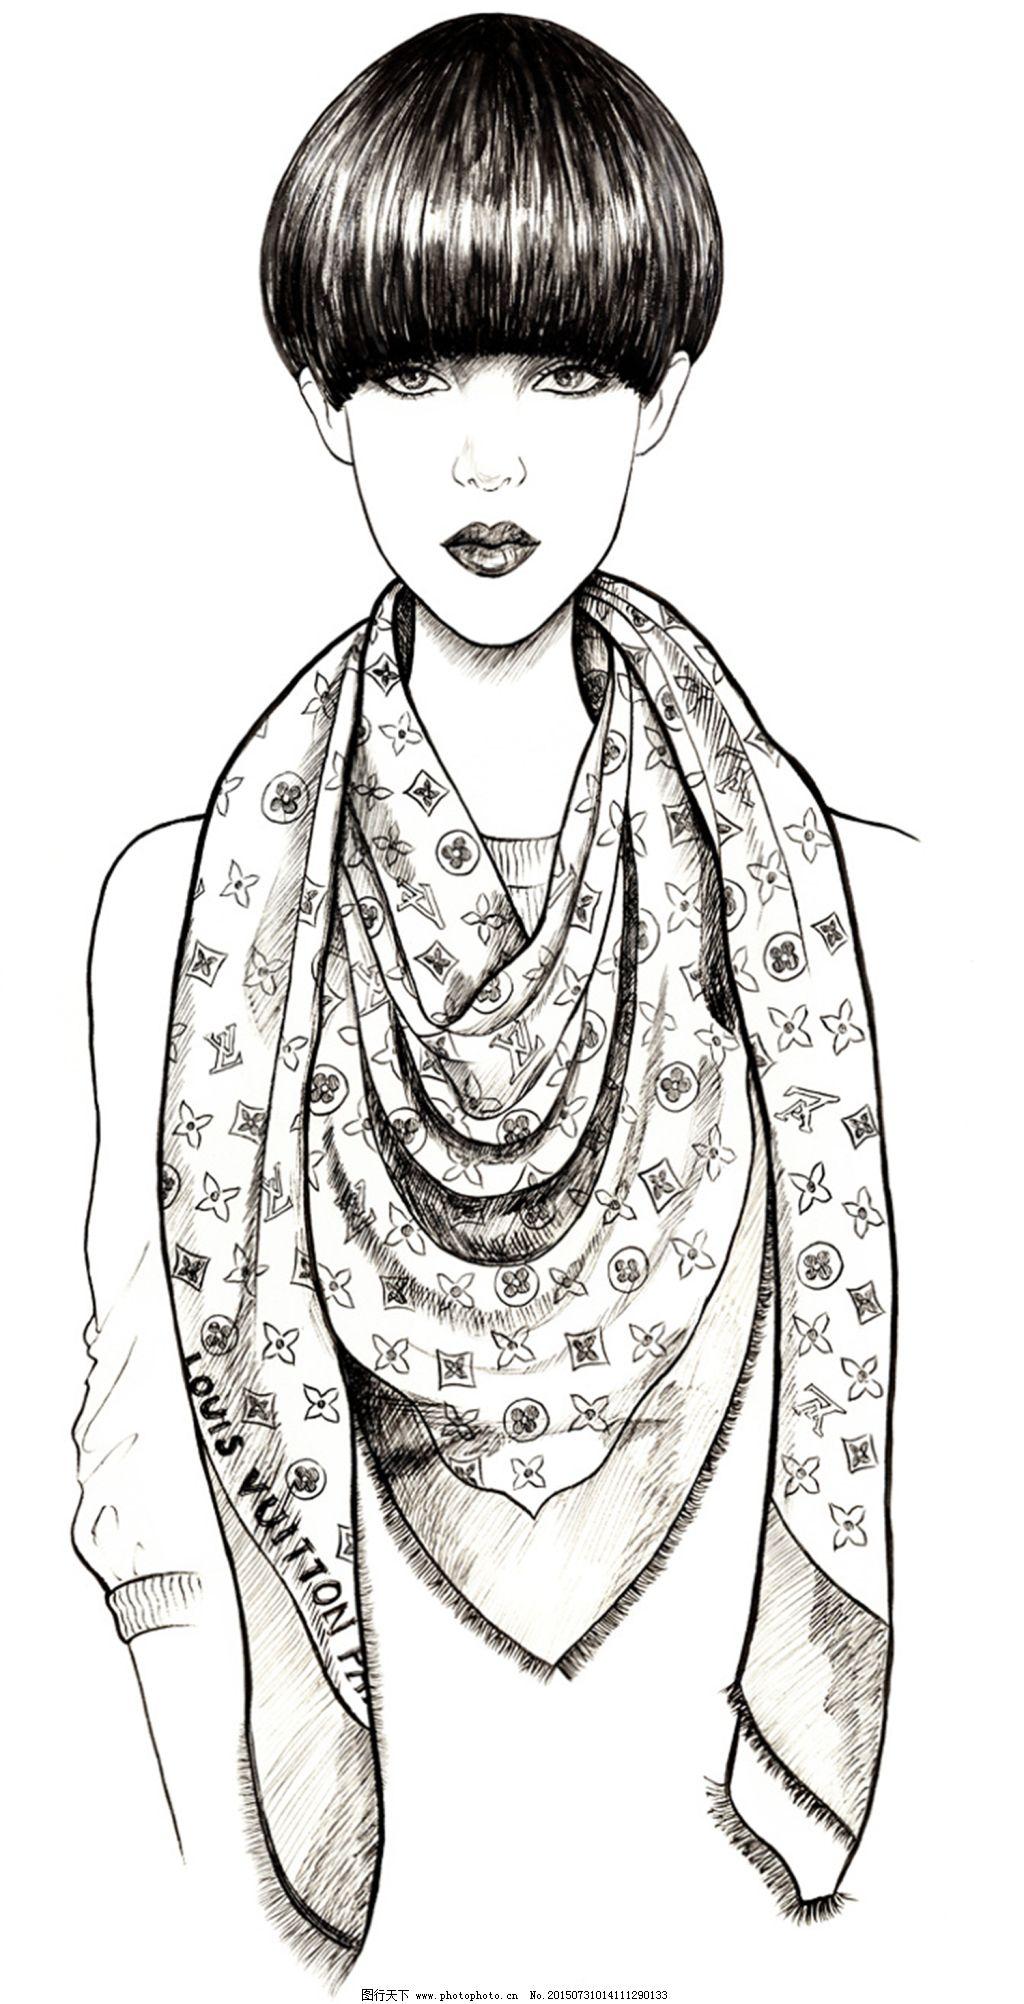 设计图库 服装设计 手绘服装设计    上传: 2015-7-31 大小: 4.